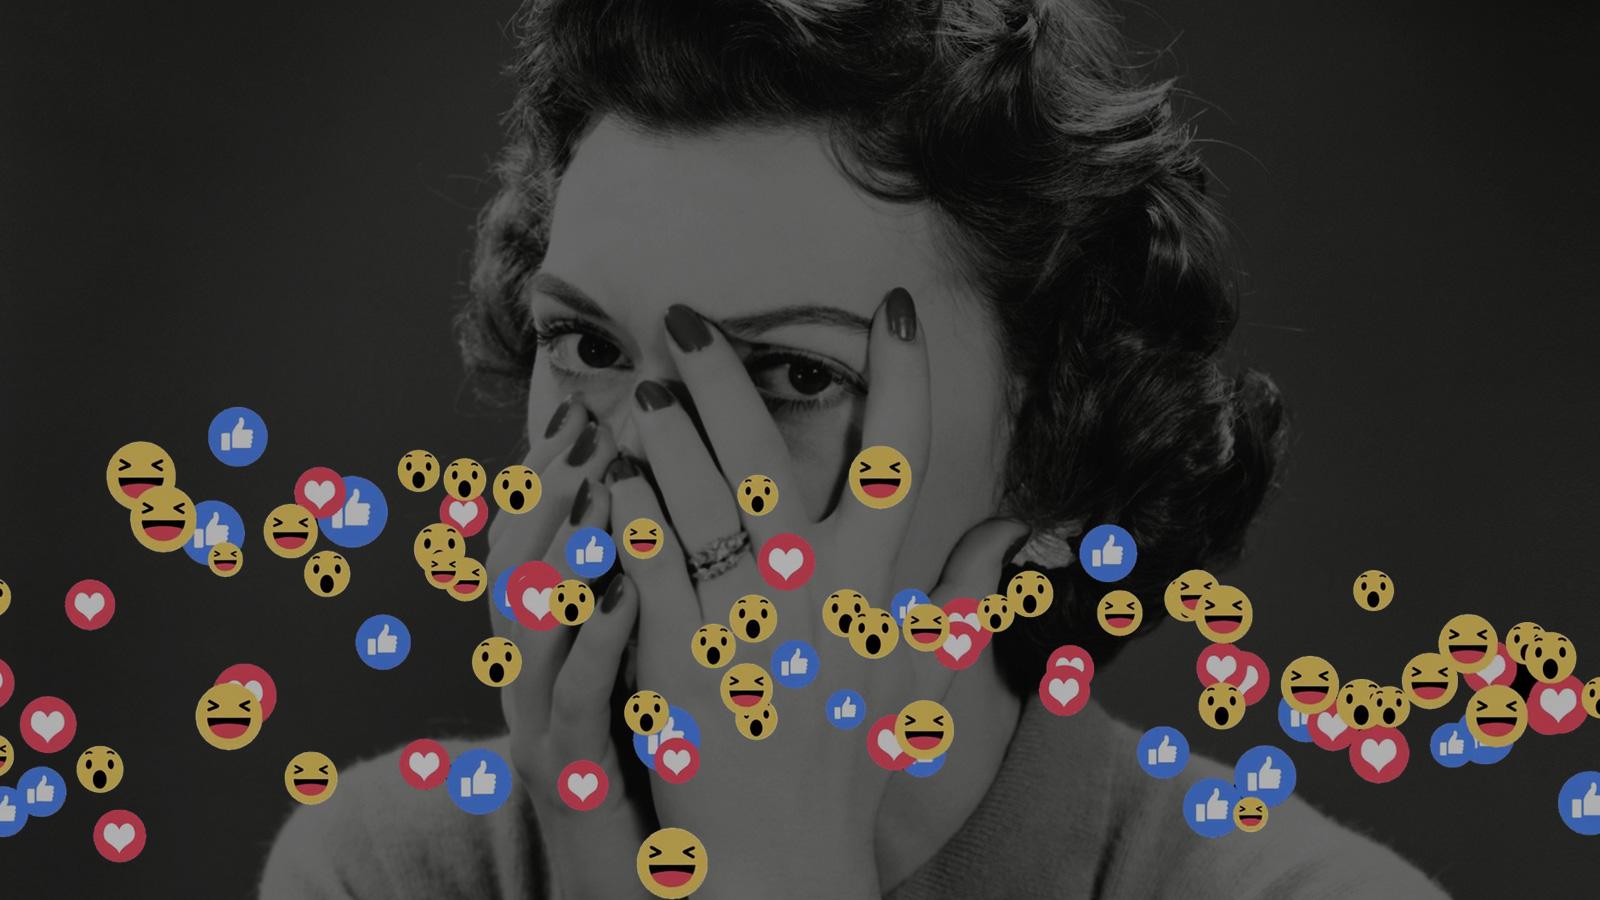 Tout ce que vous auriez préféré ne jamais savoir sur les réseaux sociaux